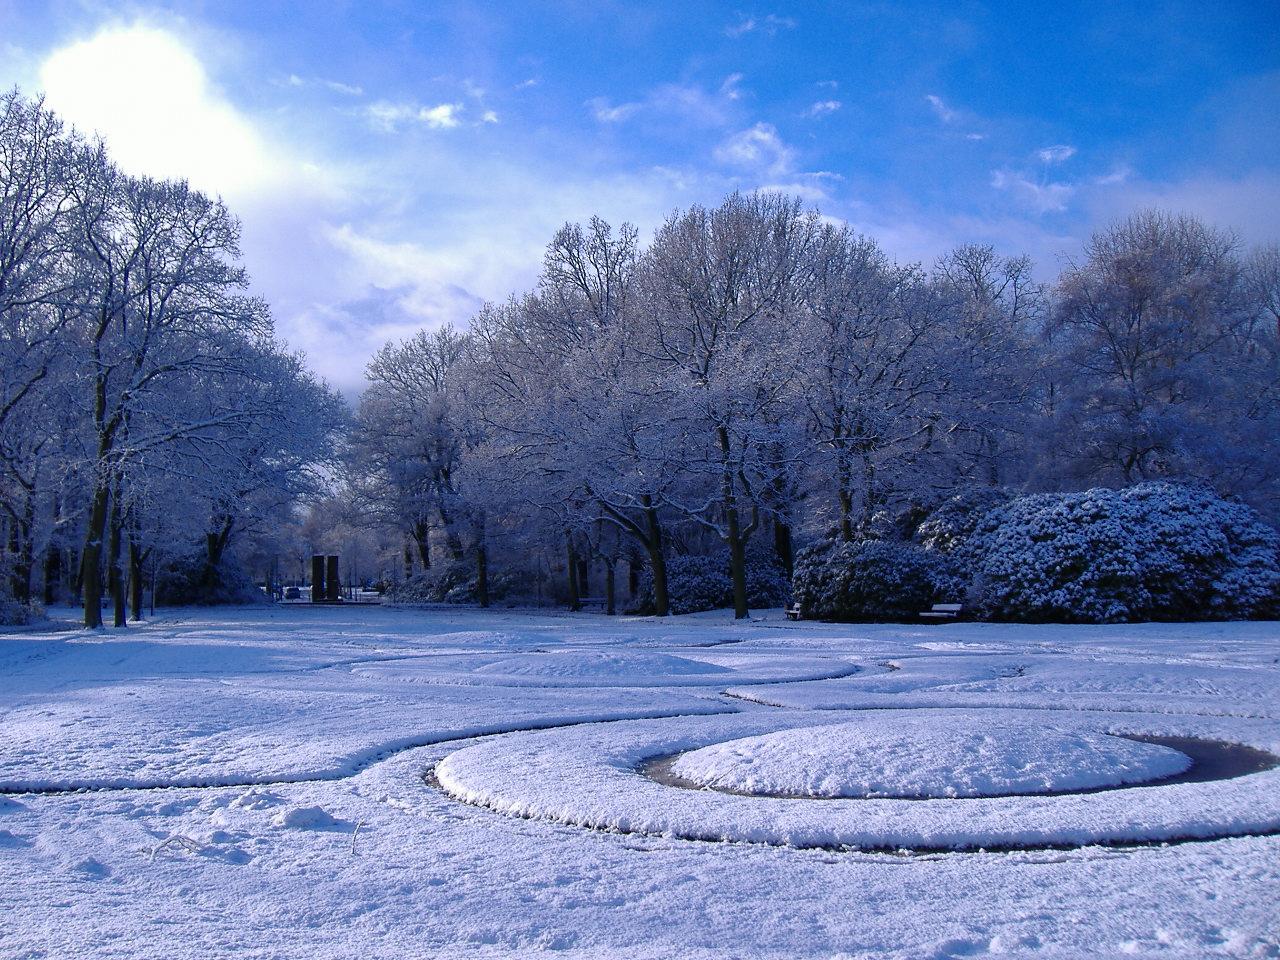 Love U Wallpapers: Winter Scene Hd